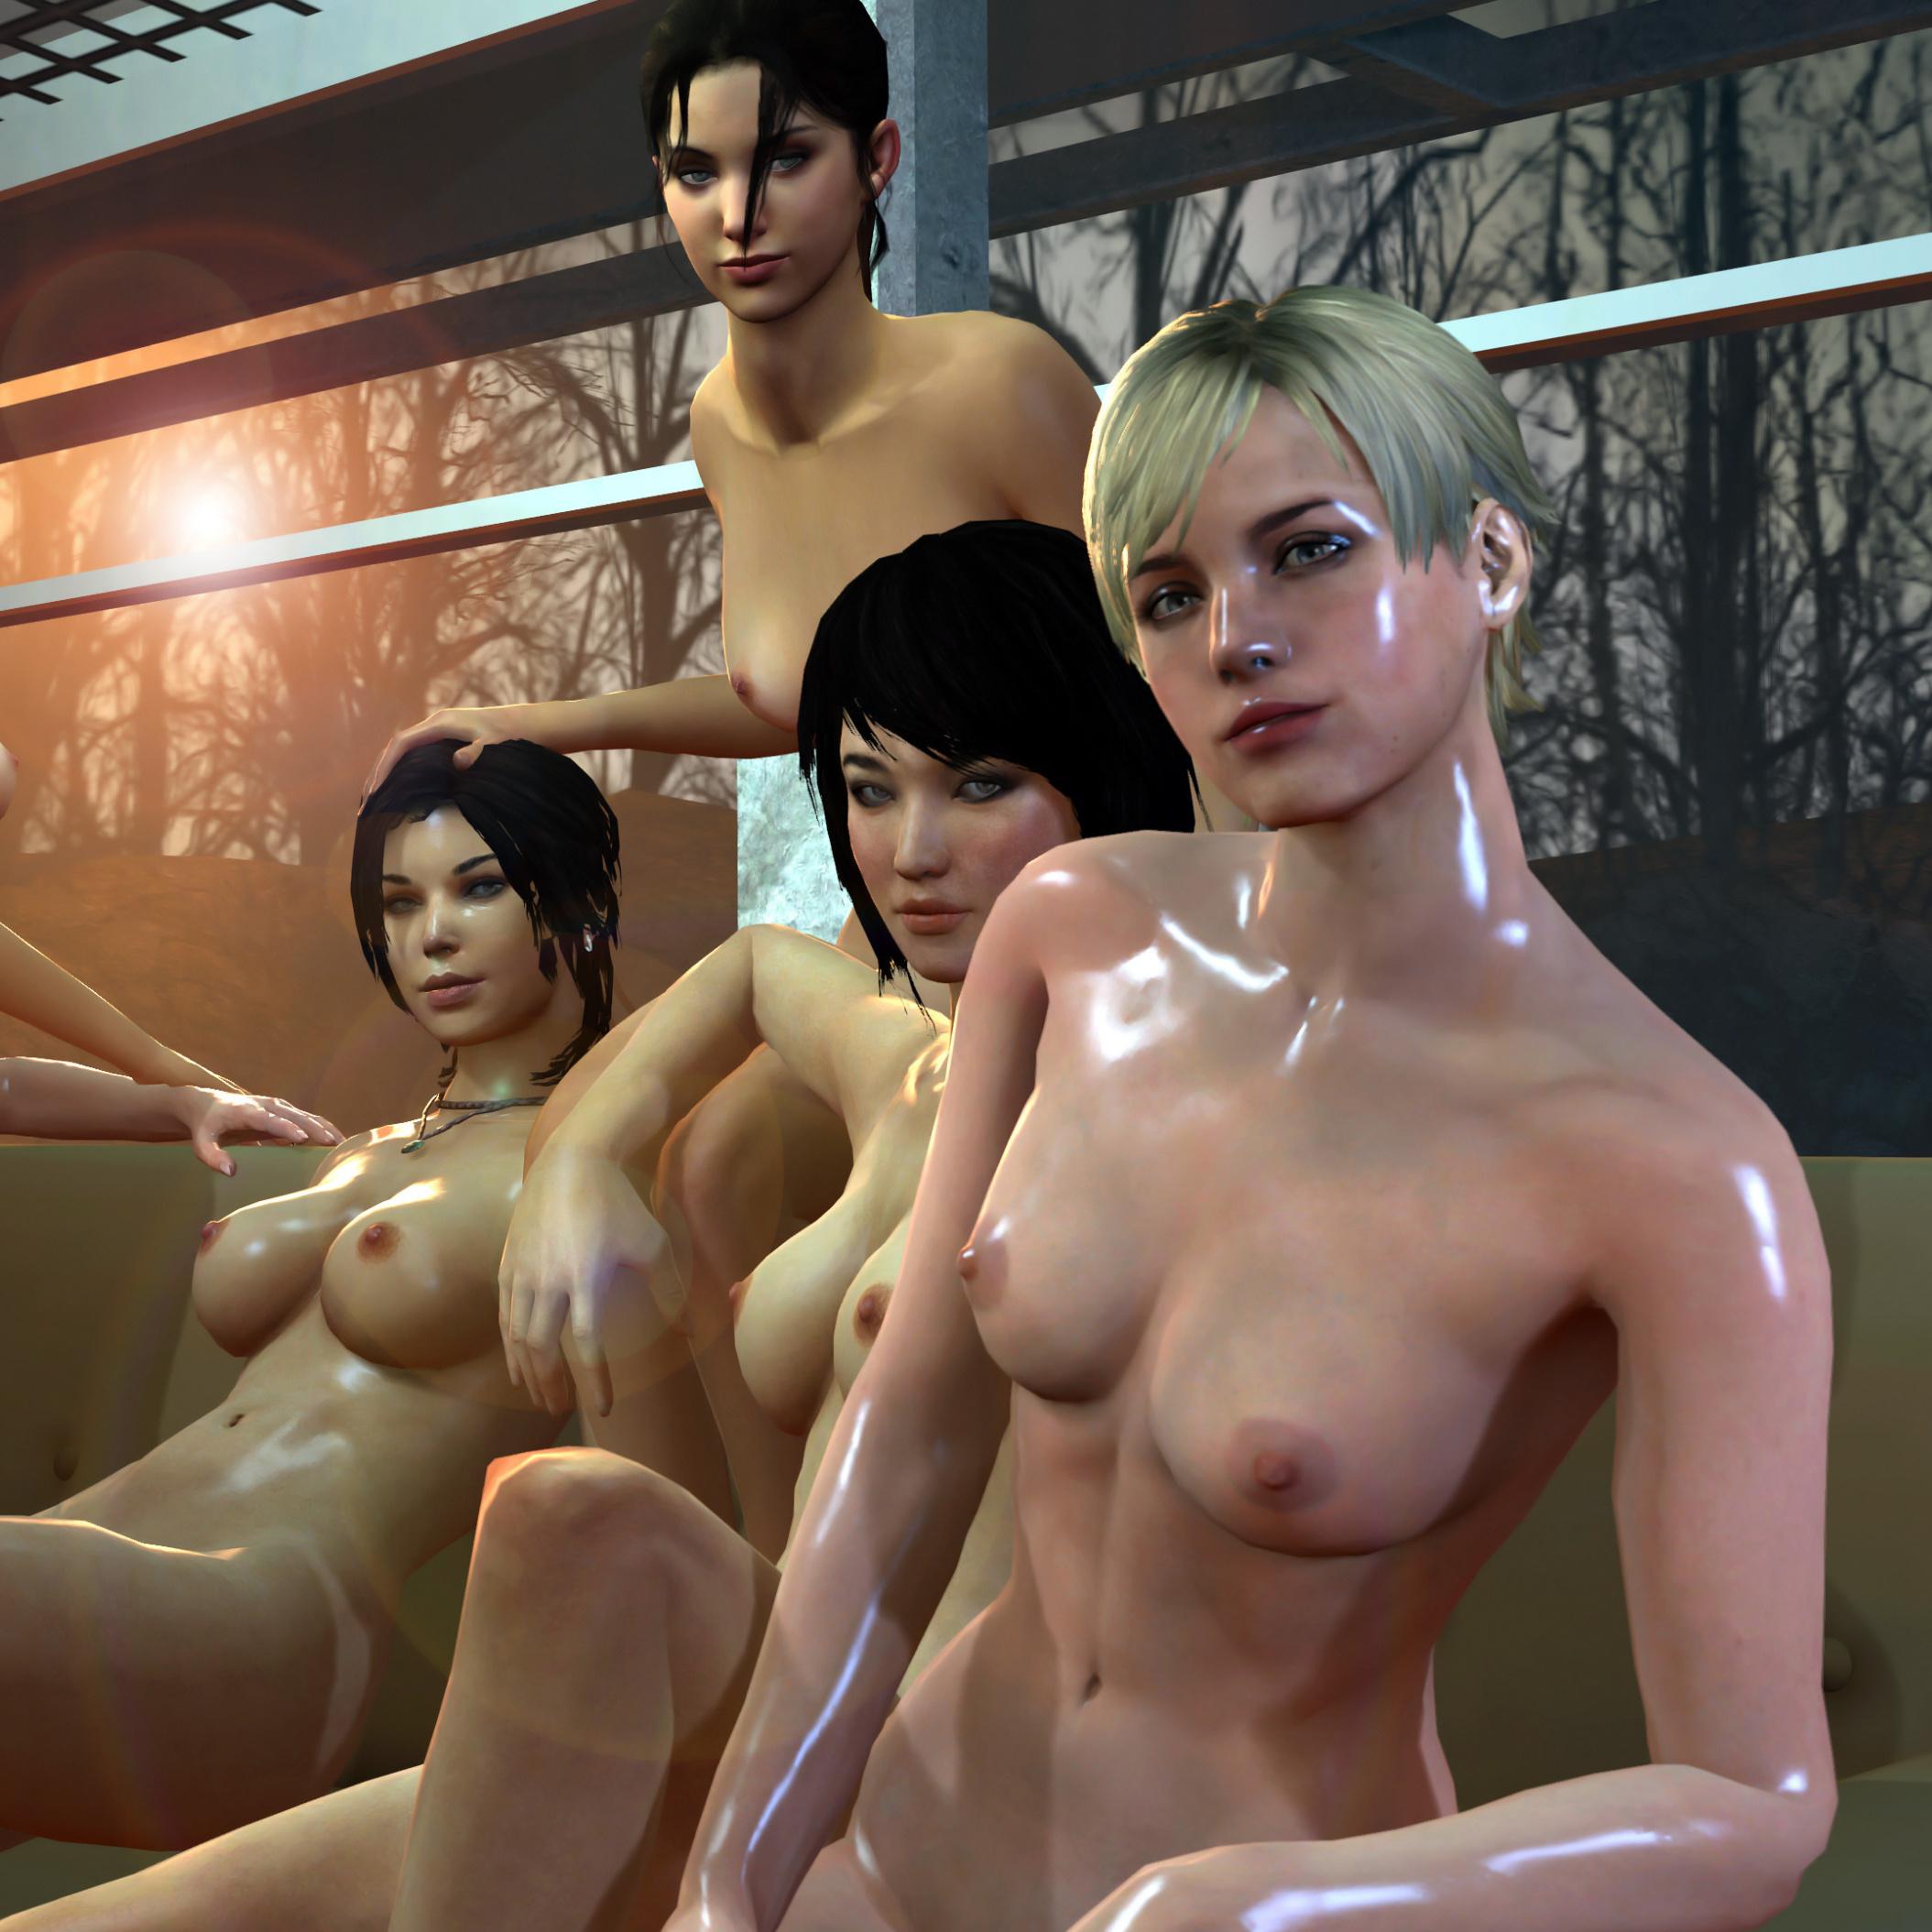 Imagenes pornos 7 en 3d